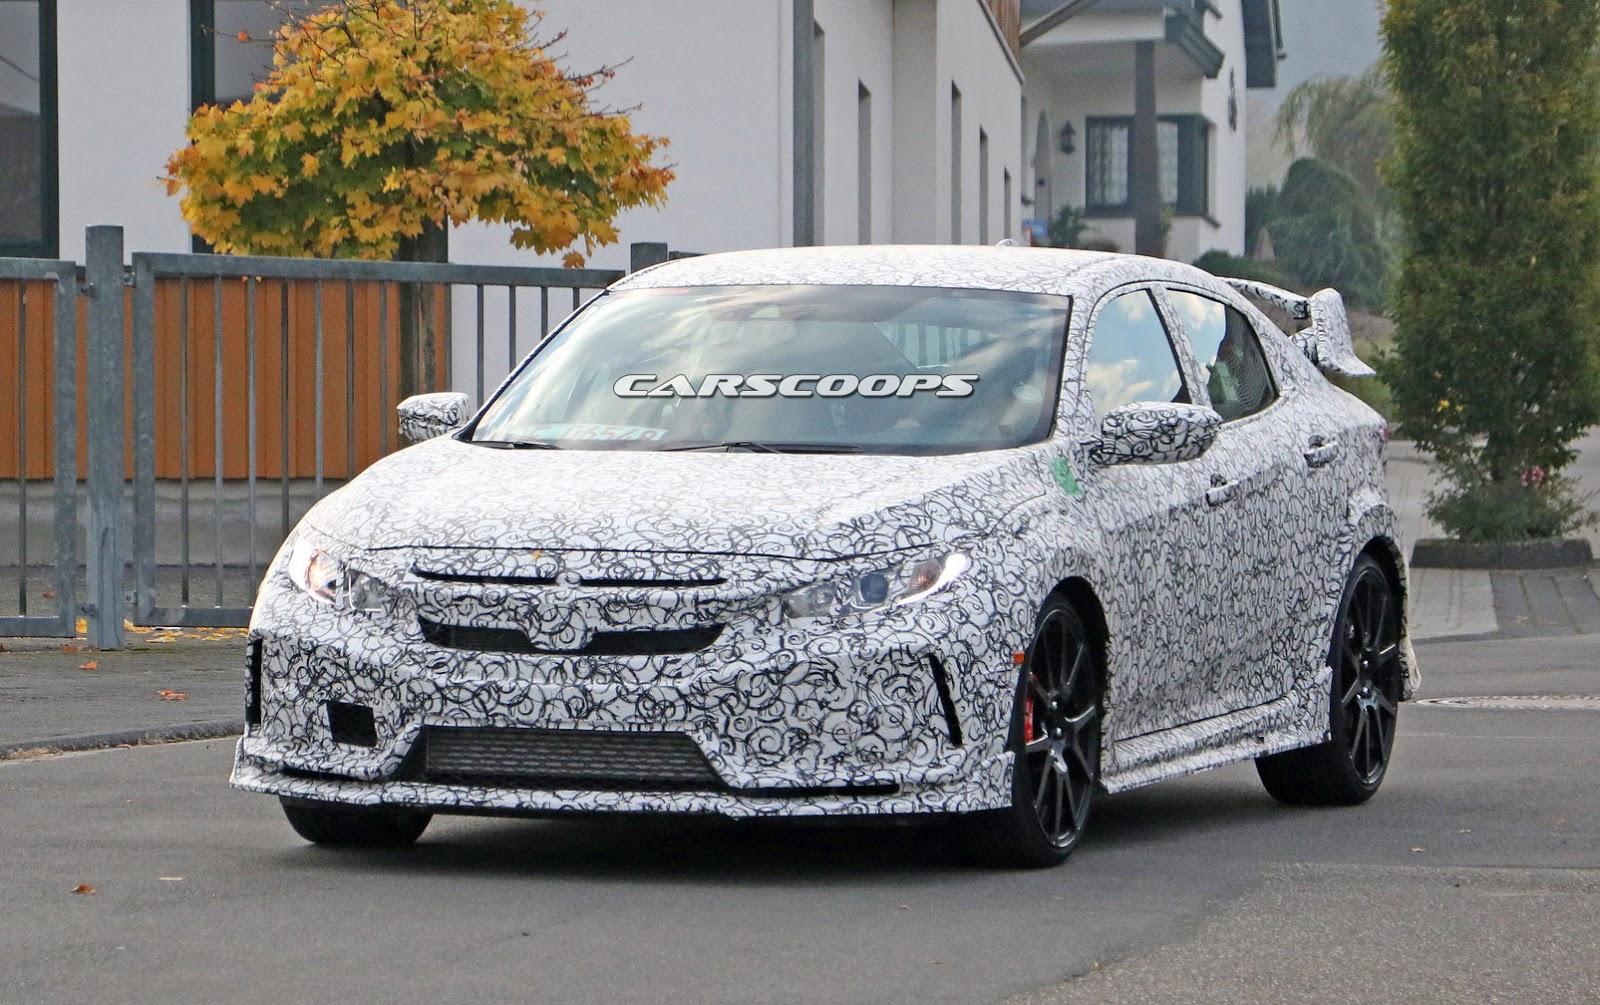 This Is Honda's Next-Gen 2017 Civic Type-R 5-Door Hatch That's Coming To U.S. - carscoops.com